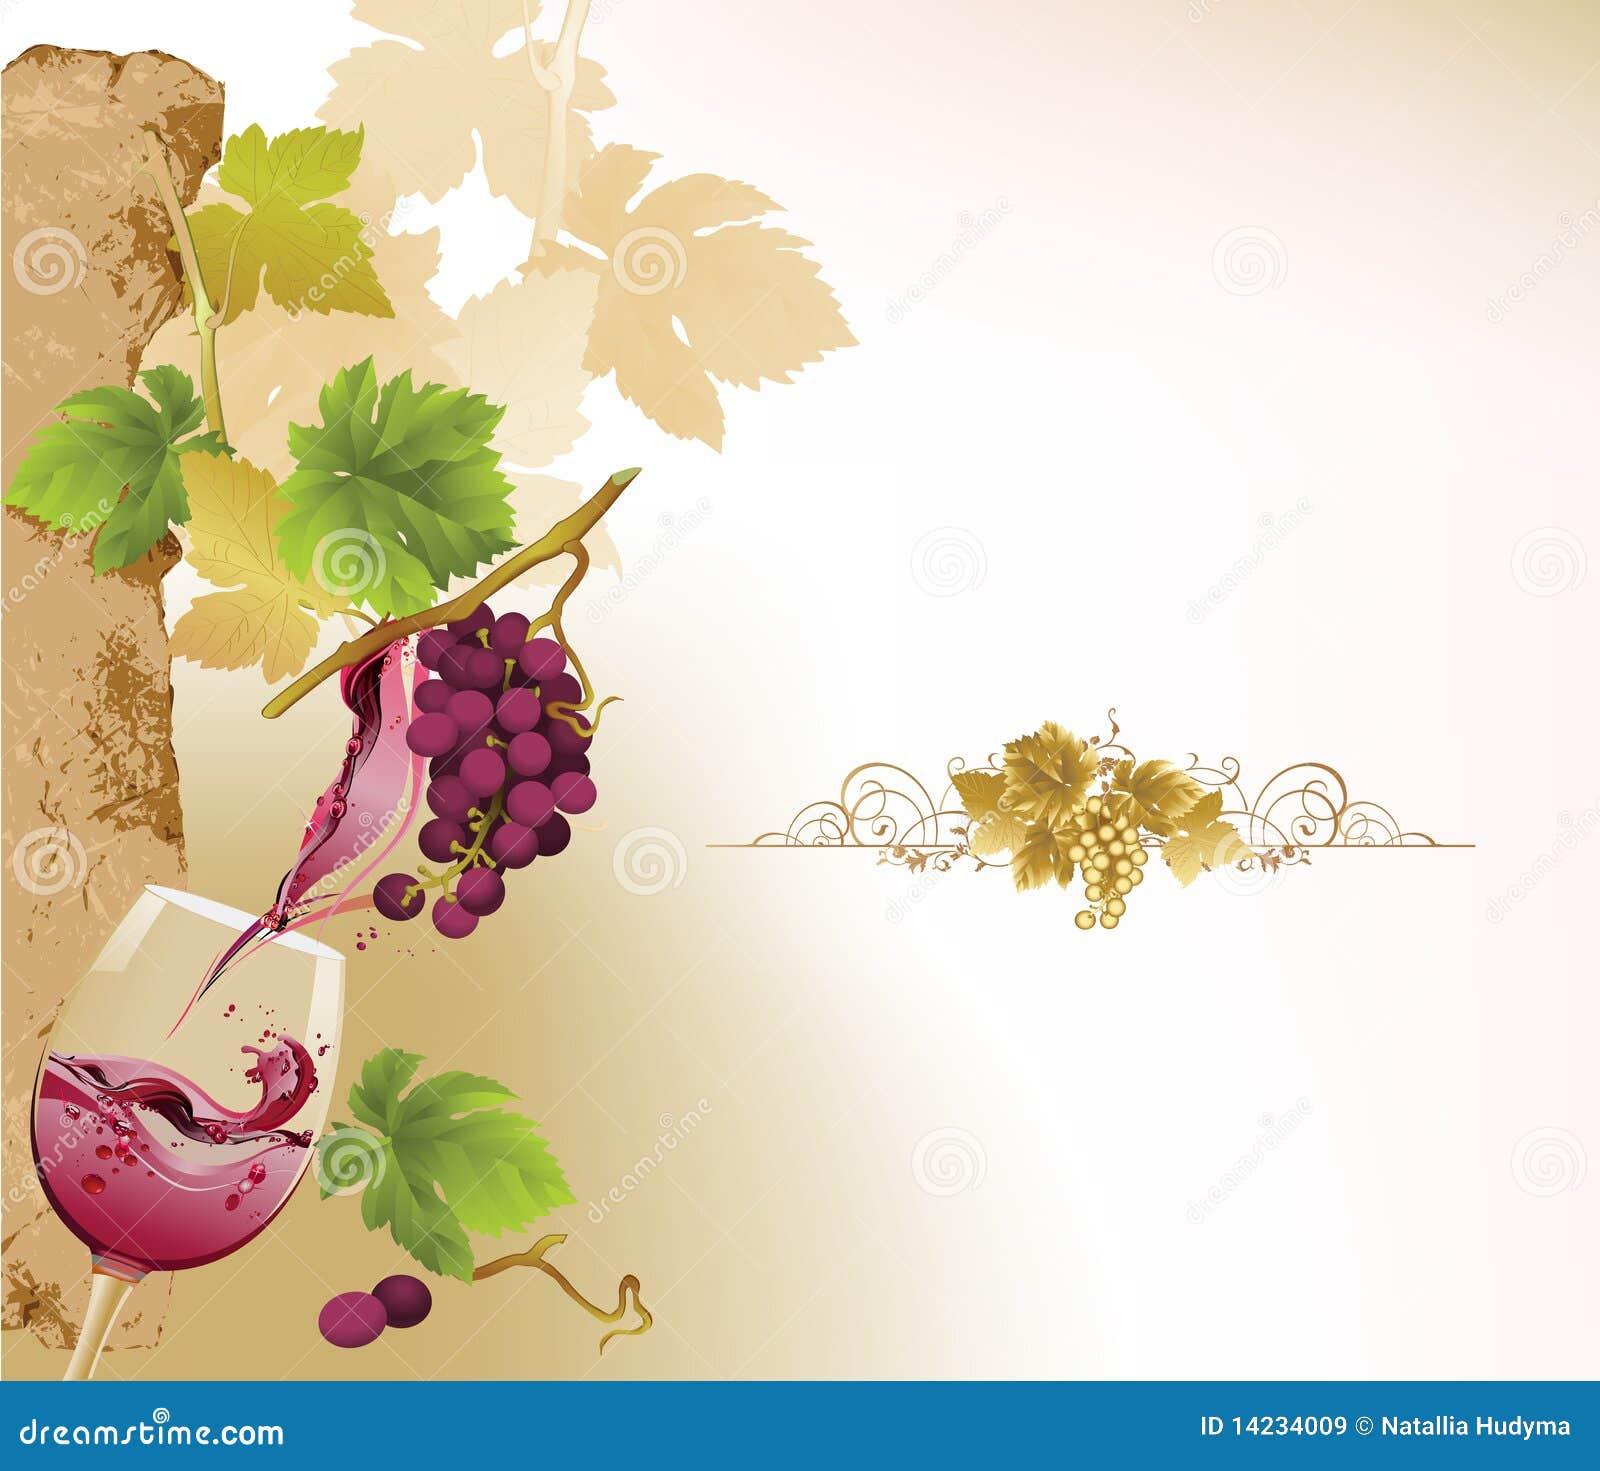 Diseño para la lista de vino.